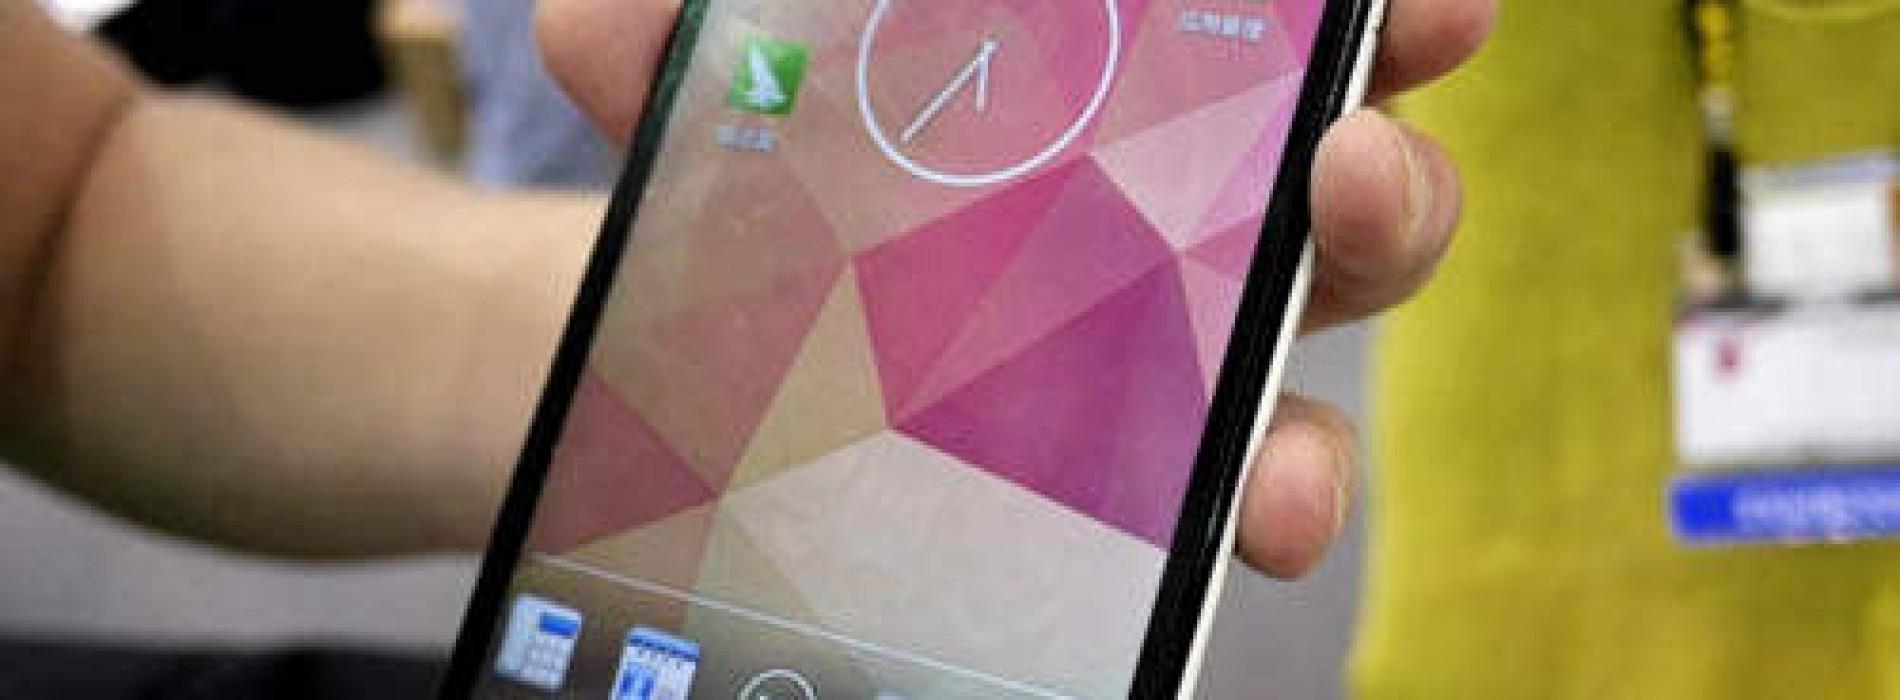 Sense 6 update coming to Verizon HTC One Max